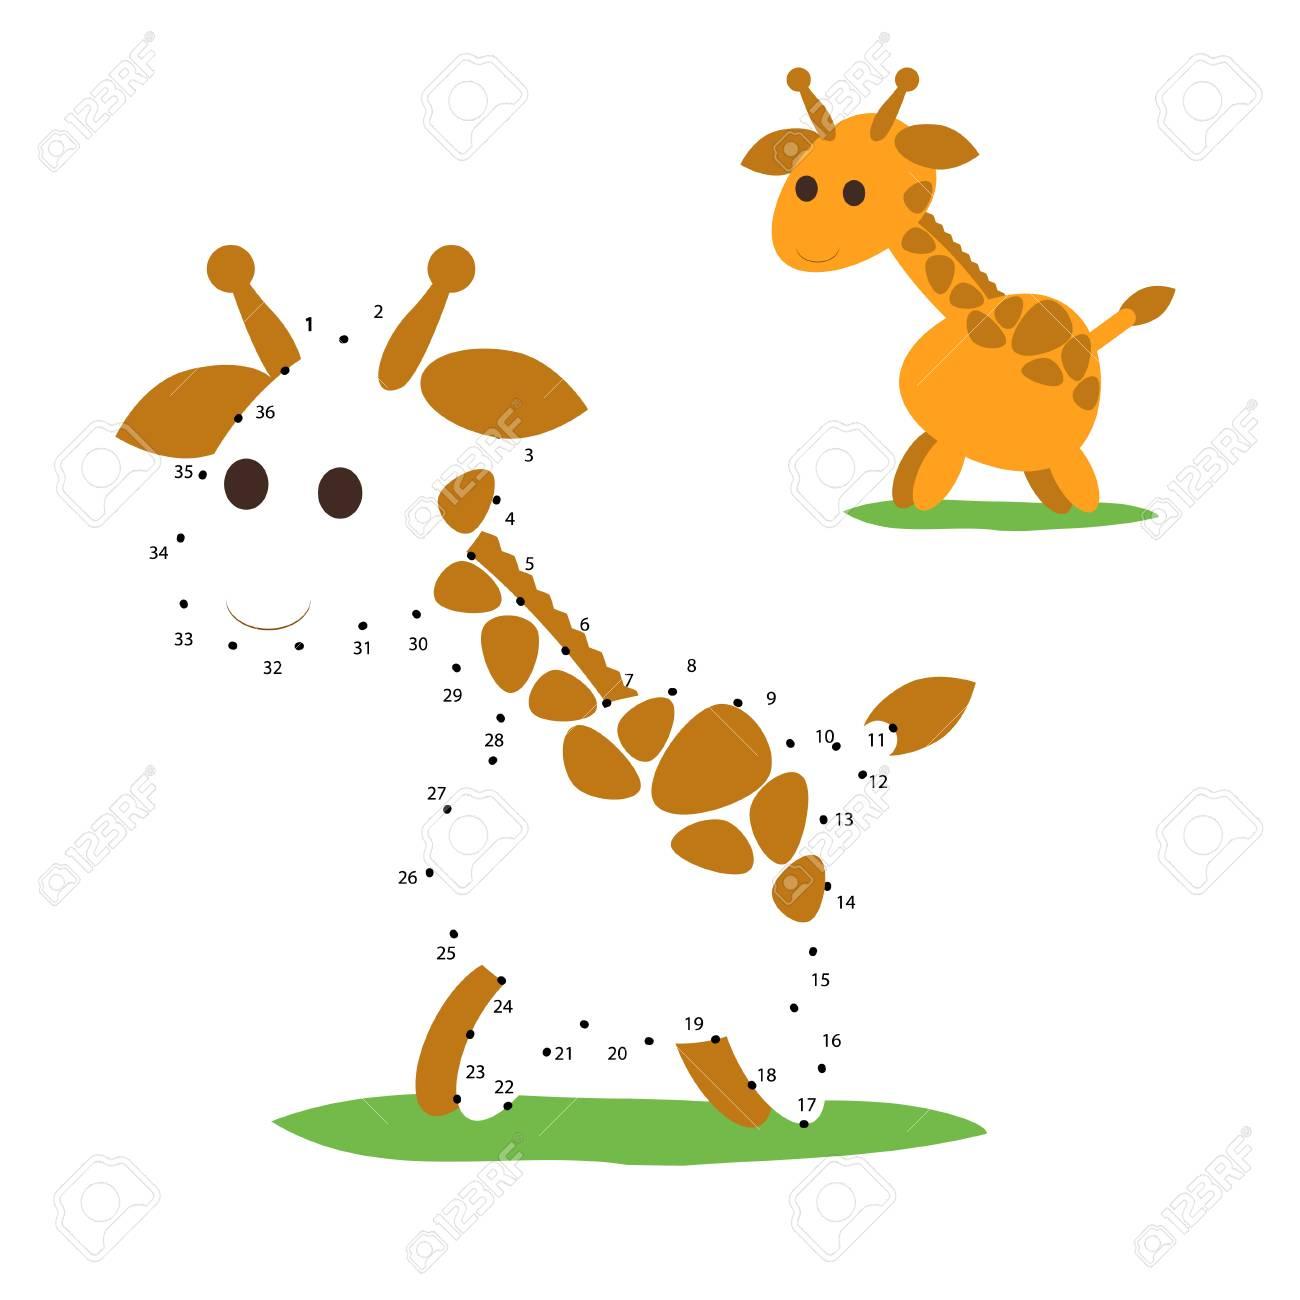 Jeux De Chiffres Avec Girafe, Jeu Point À Point, Jeu Point À Point Pour  Enfants, Jeux Point À Point Pour Enfants, Vecteur, Eps8, Point À Point, Jeu serapportantà Puzzle En Ligne Enfant